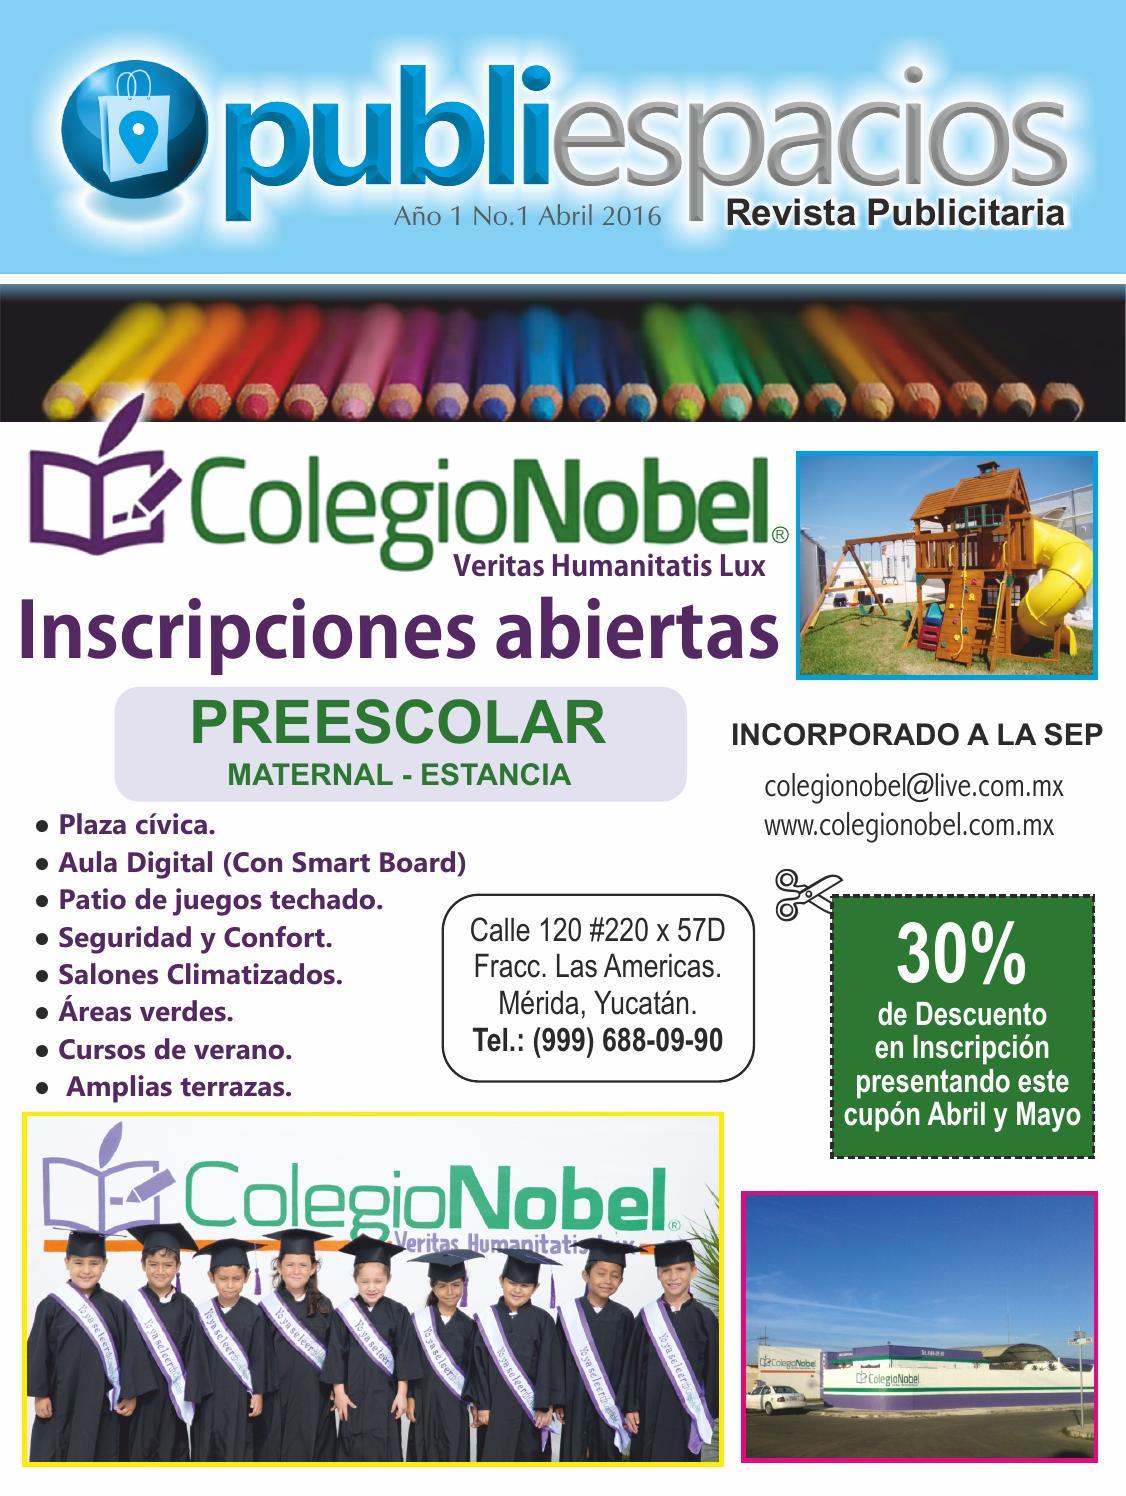 Publiespacios La Revista By Publiespacios Issuu